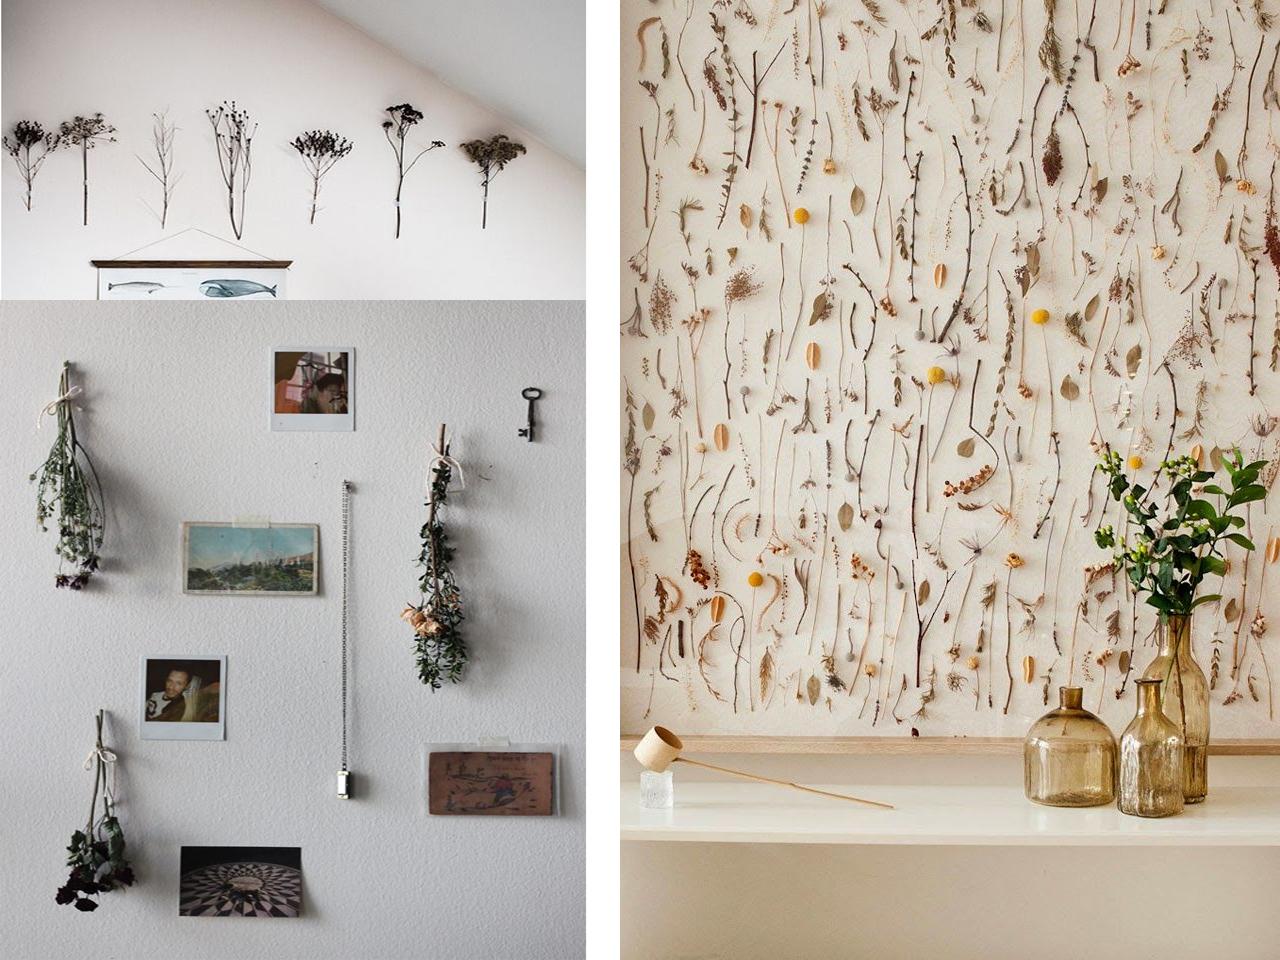 9 ideas de decoraci n con flores secas for Decoracion con hojas secas